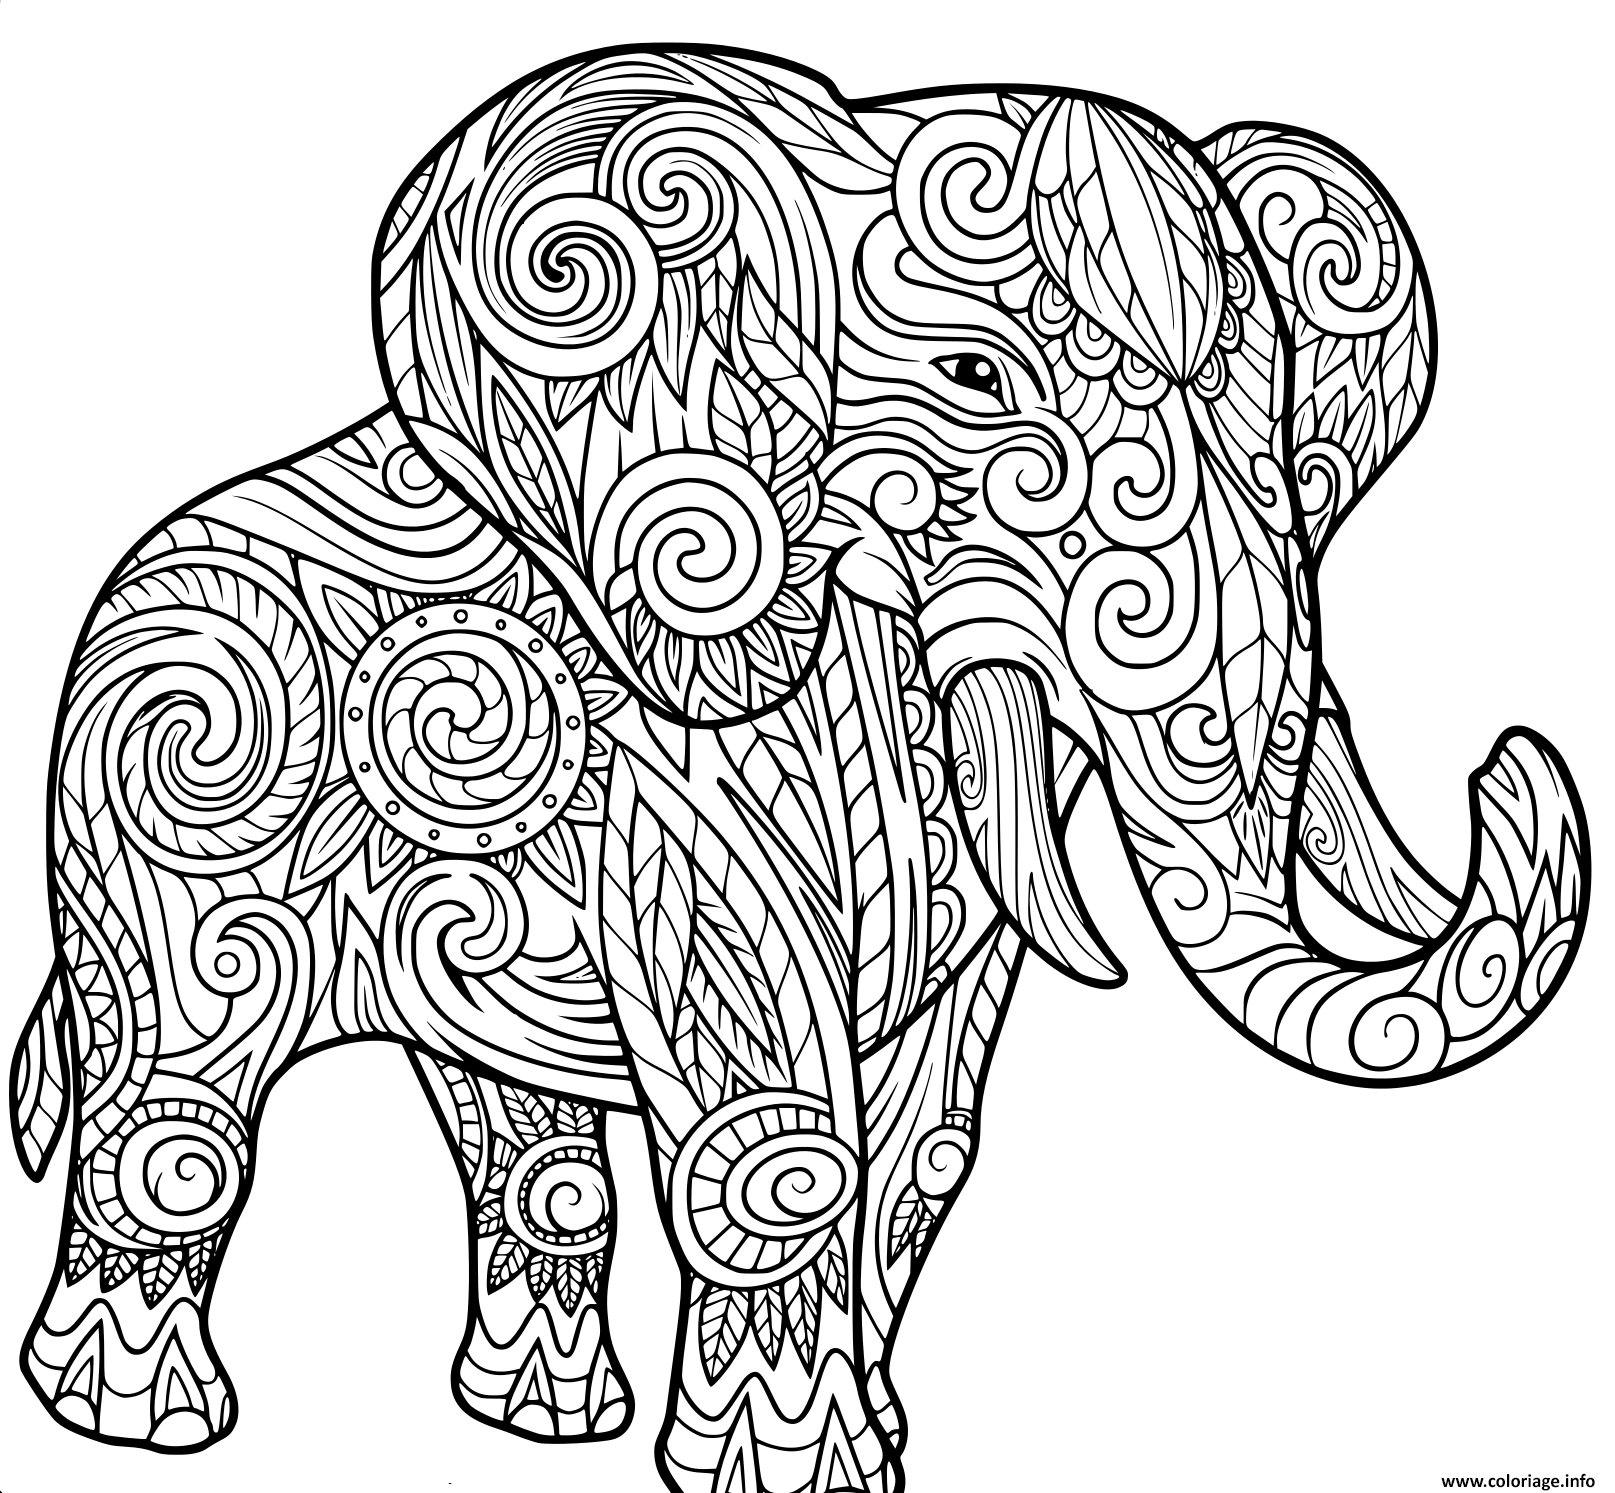 Coloriage Elephant Pour Adulte.Coloriage Elephant Pour Adulte Animaux Jecolorie Com